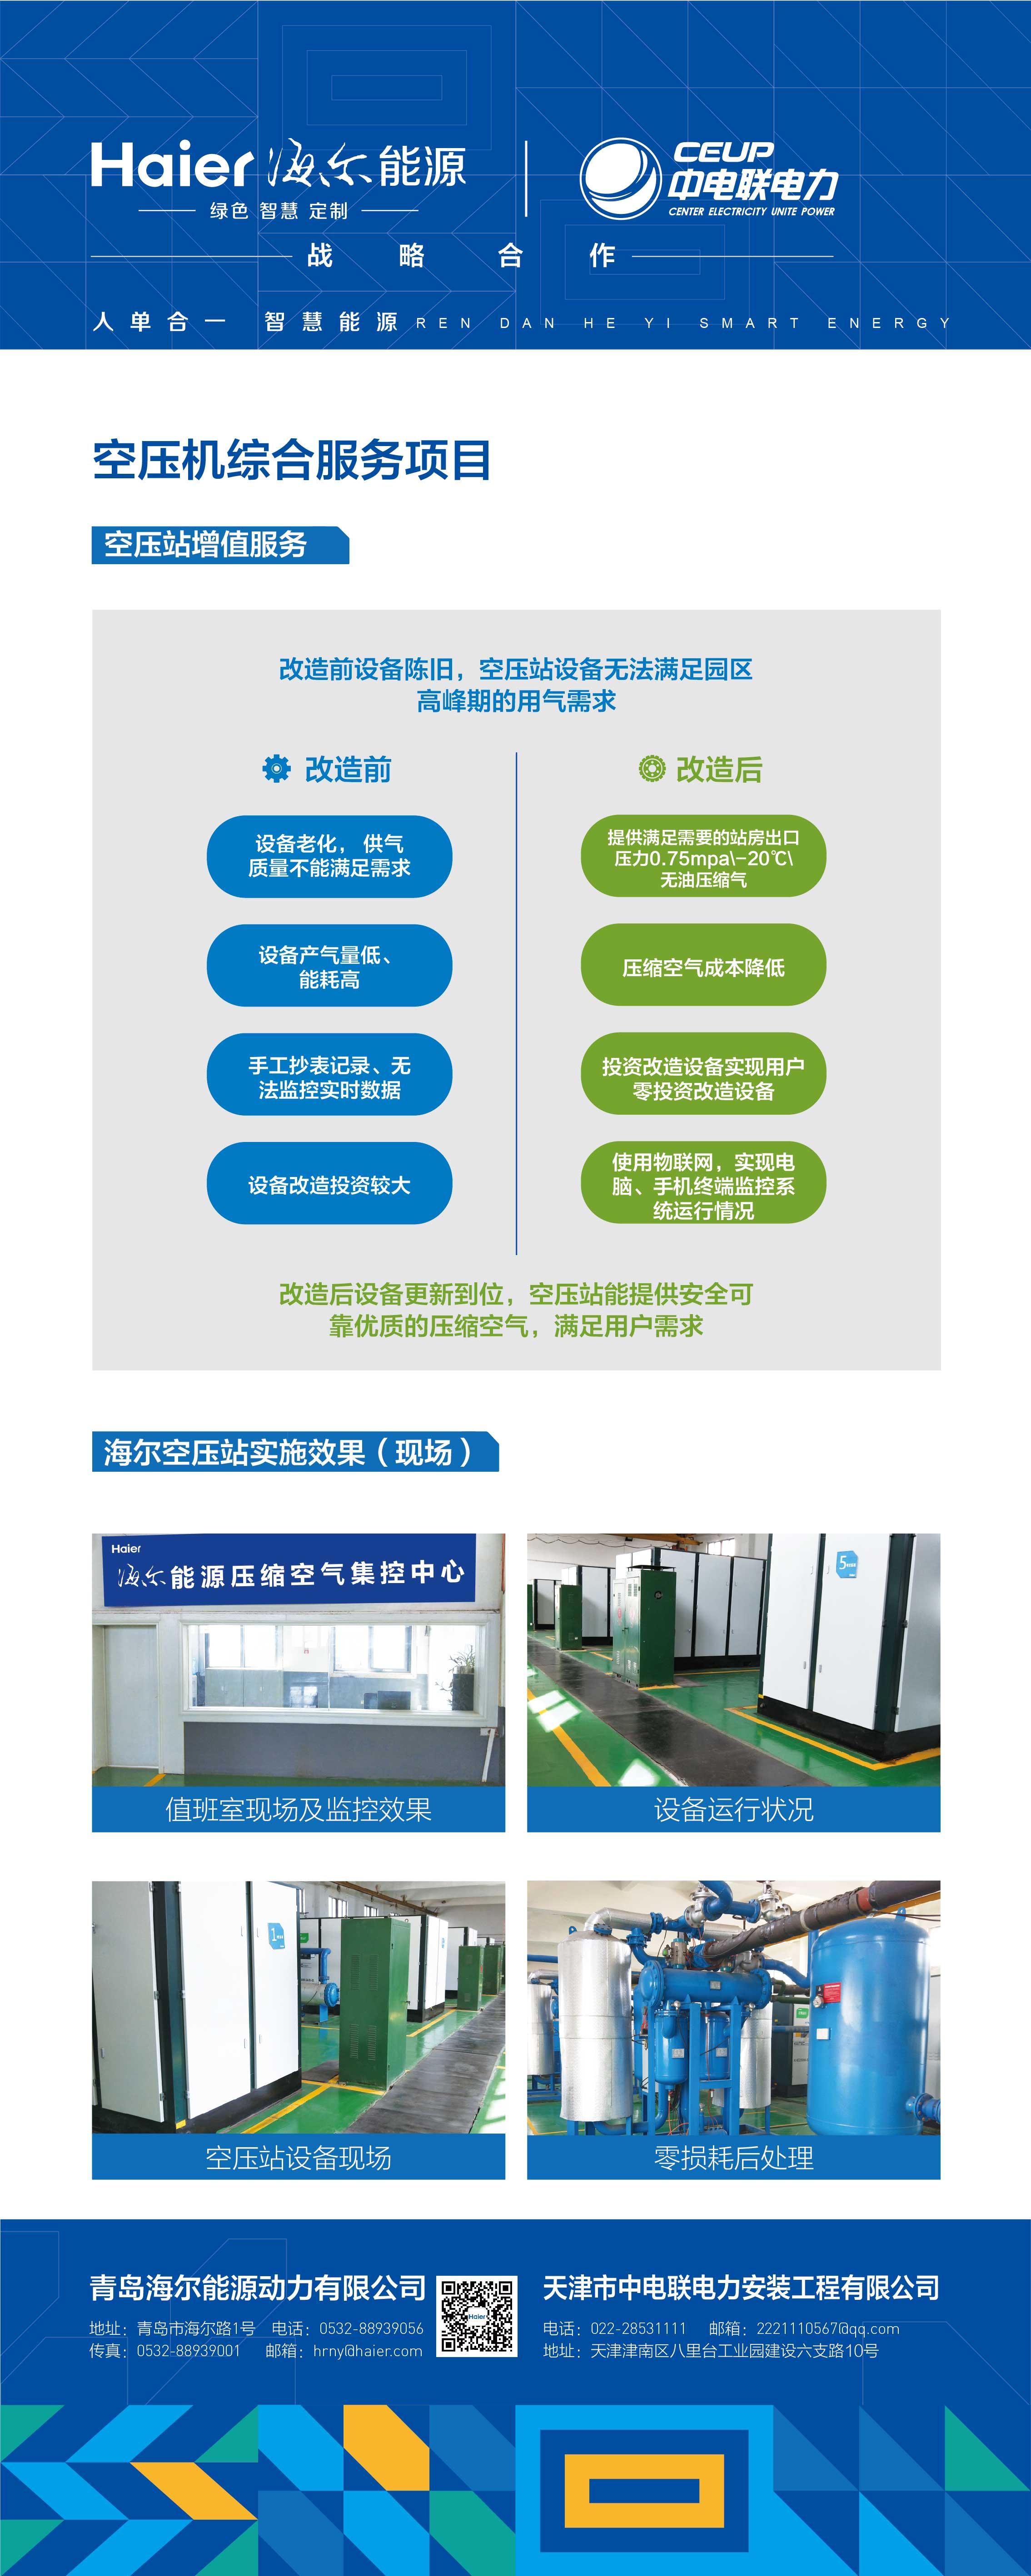 空壓機綜合服務項目